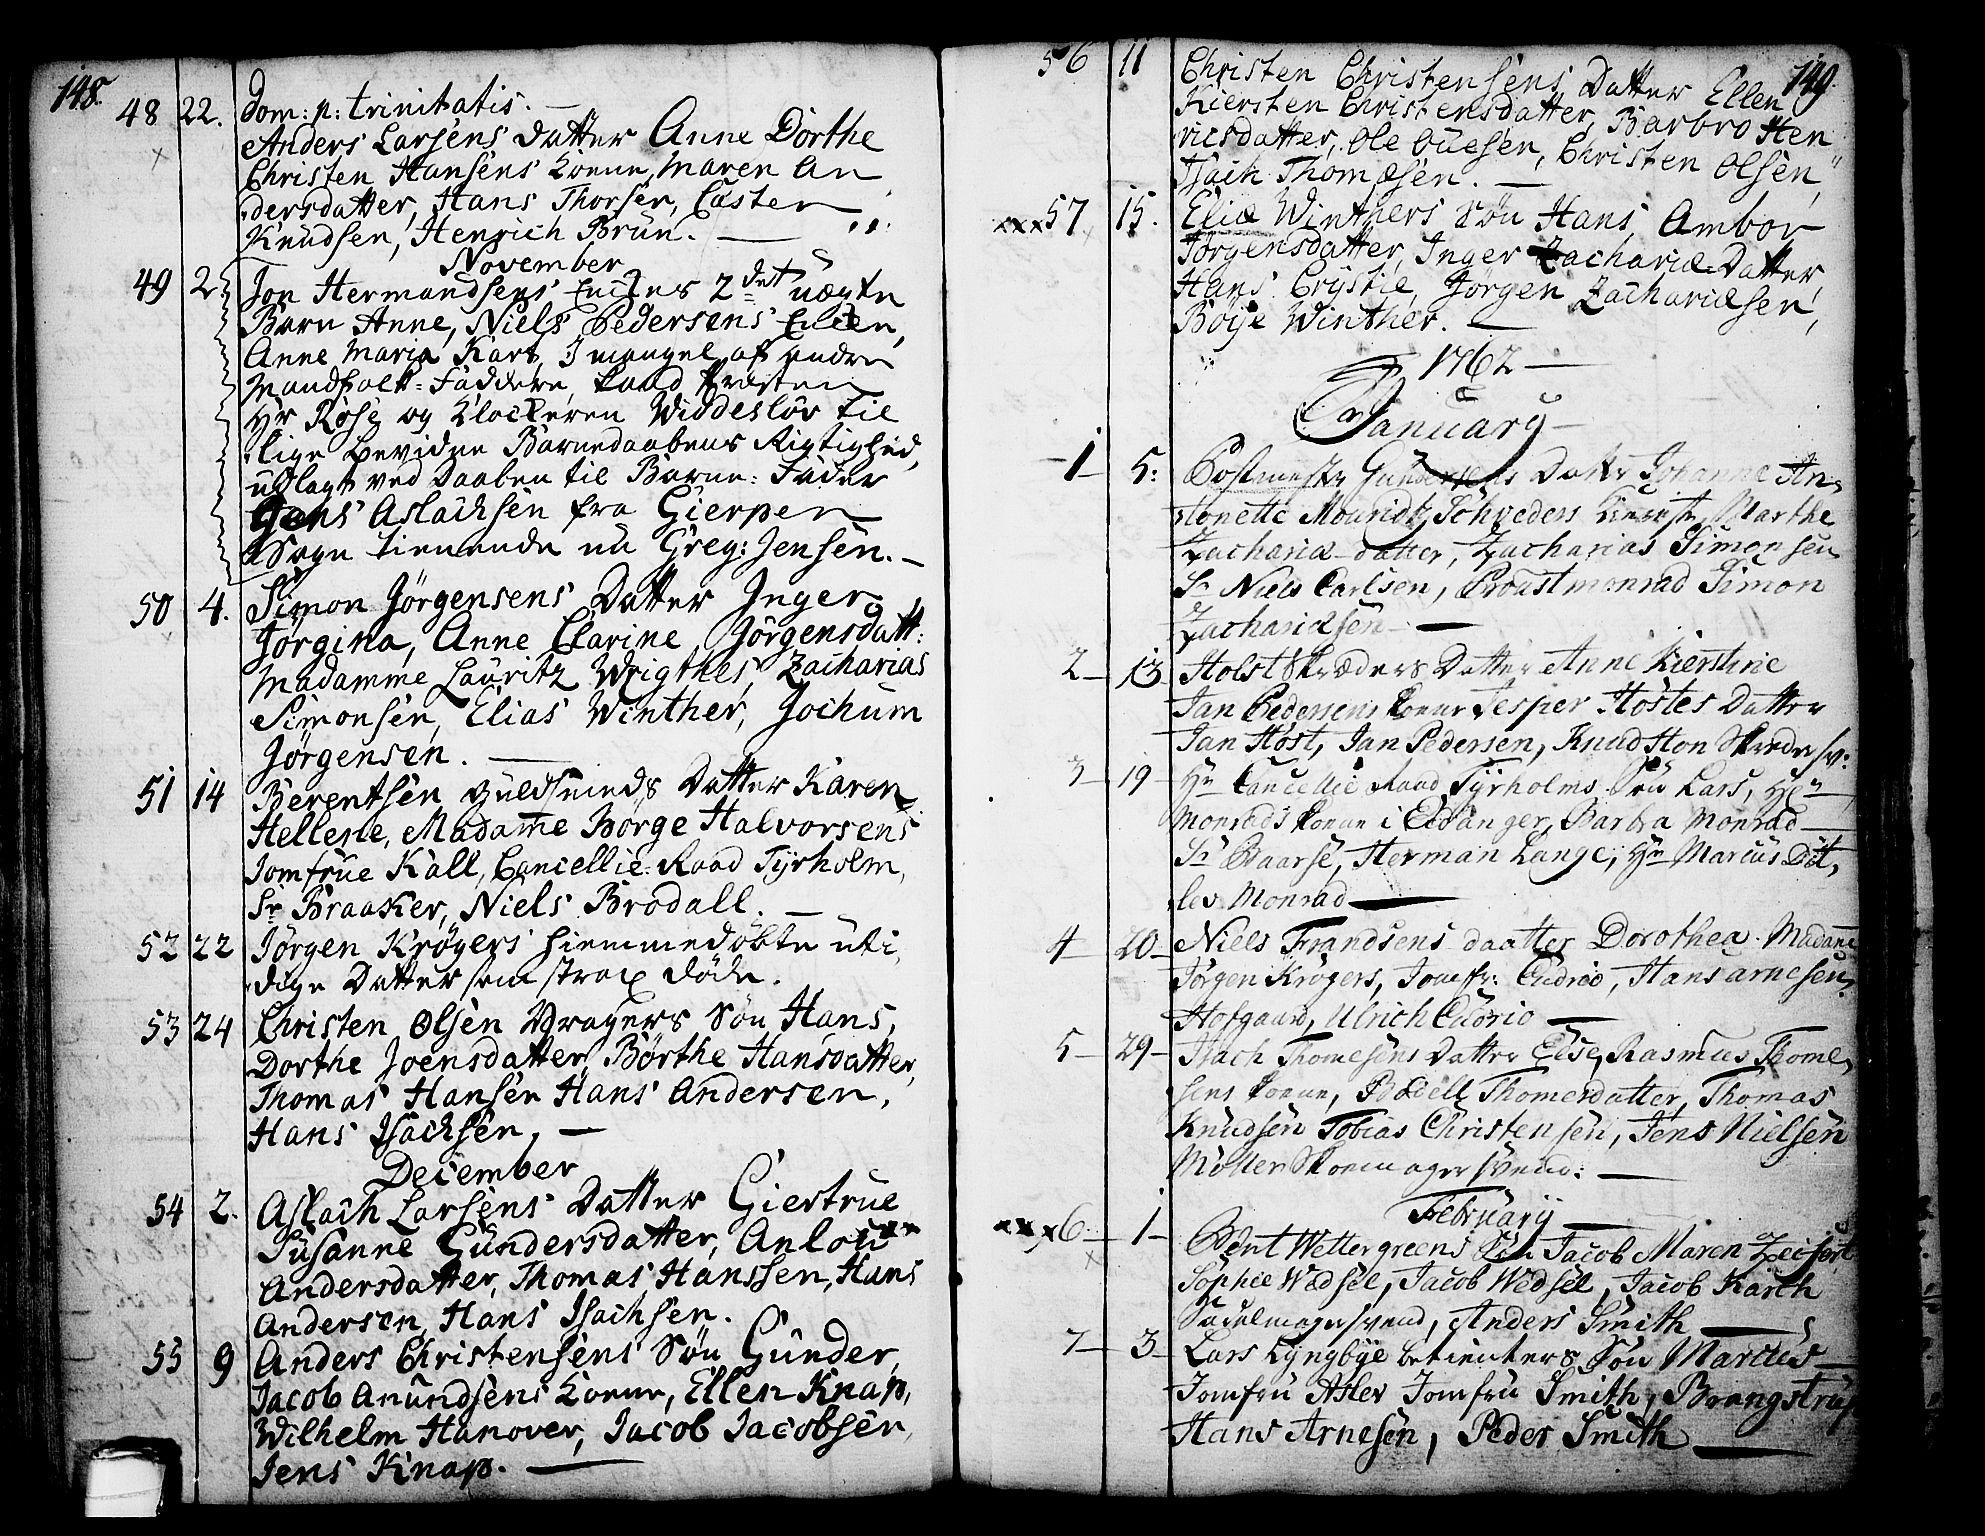 SAKO, Skien kirkebøker, F/Fa/L0003: Ministerialbok nr. 3, 1755-1791, s. 148-149